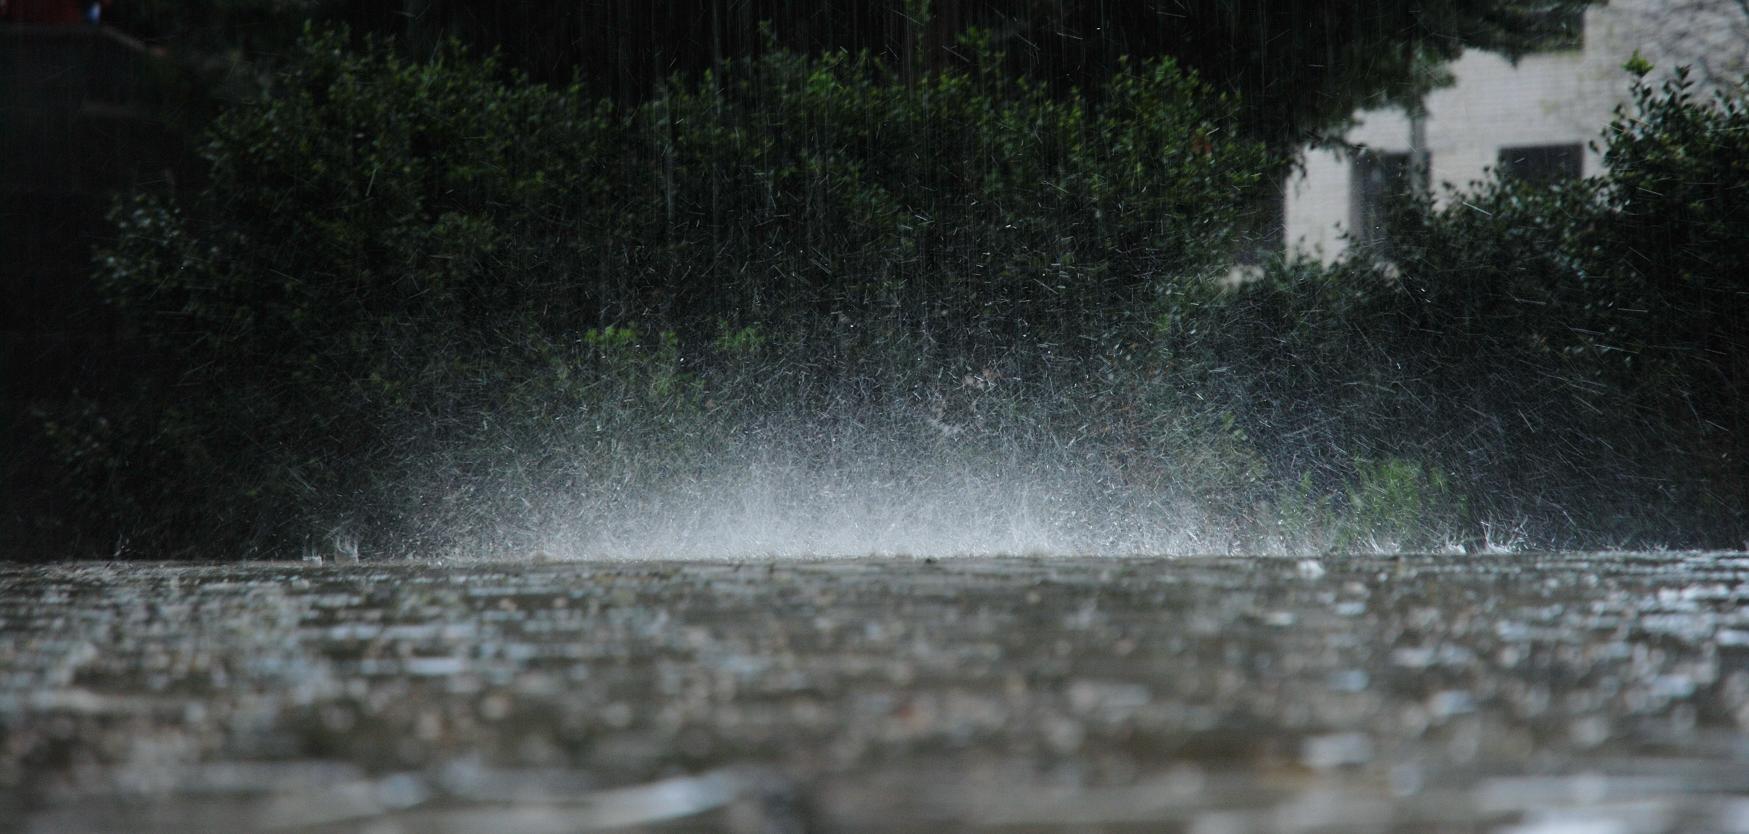 На Закарпатті знову чекають сильних злив із підвищенням рівнів води у річках та можливими селями